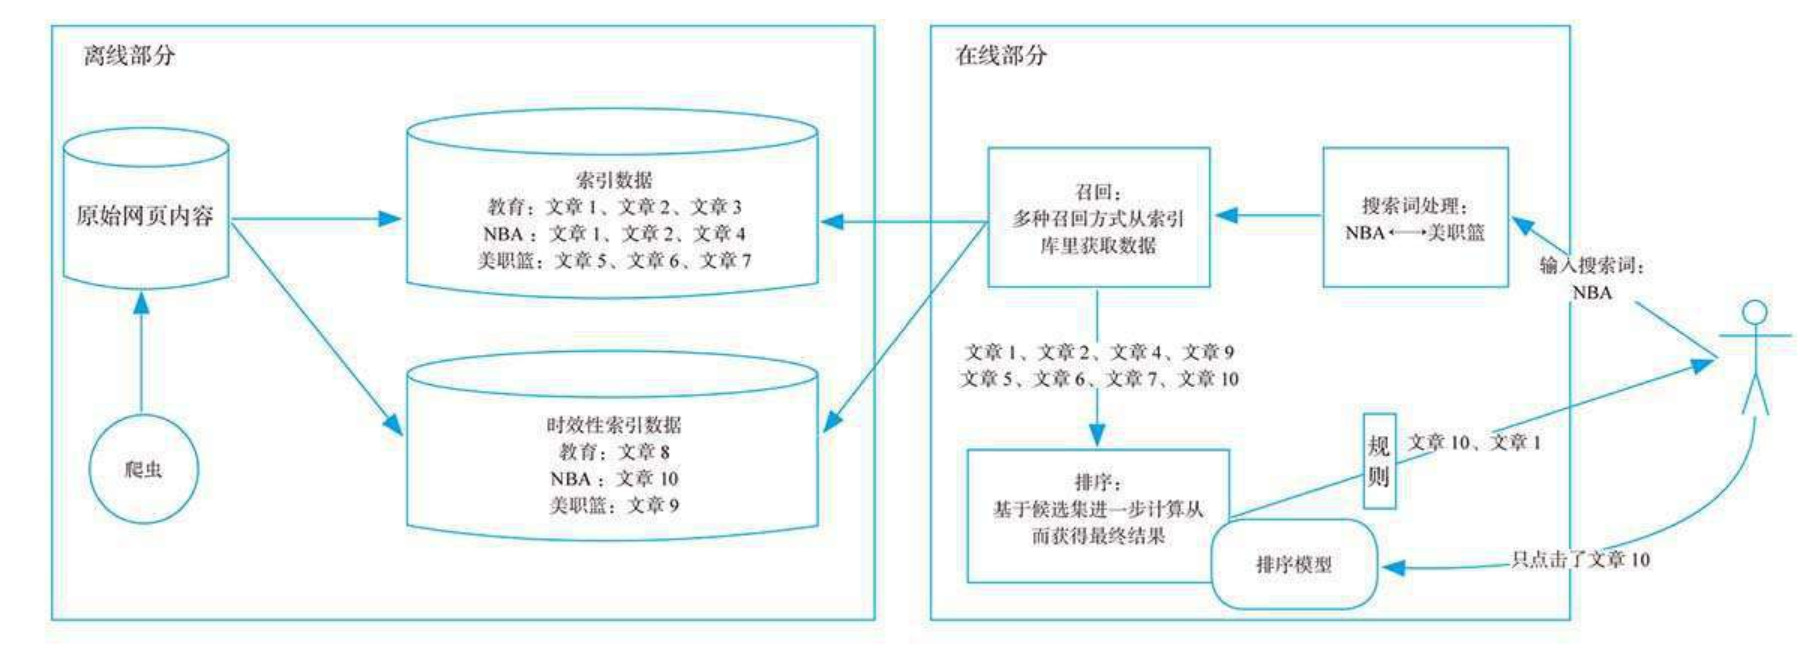 搜索系统架构